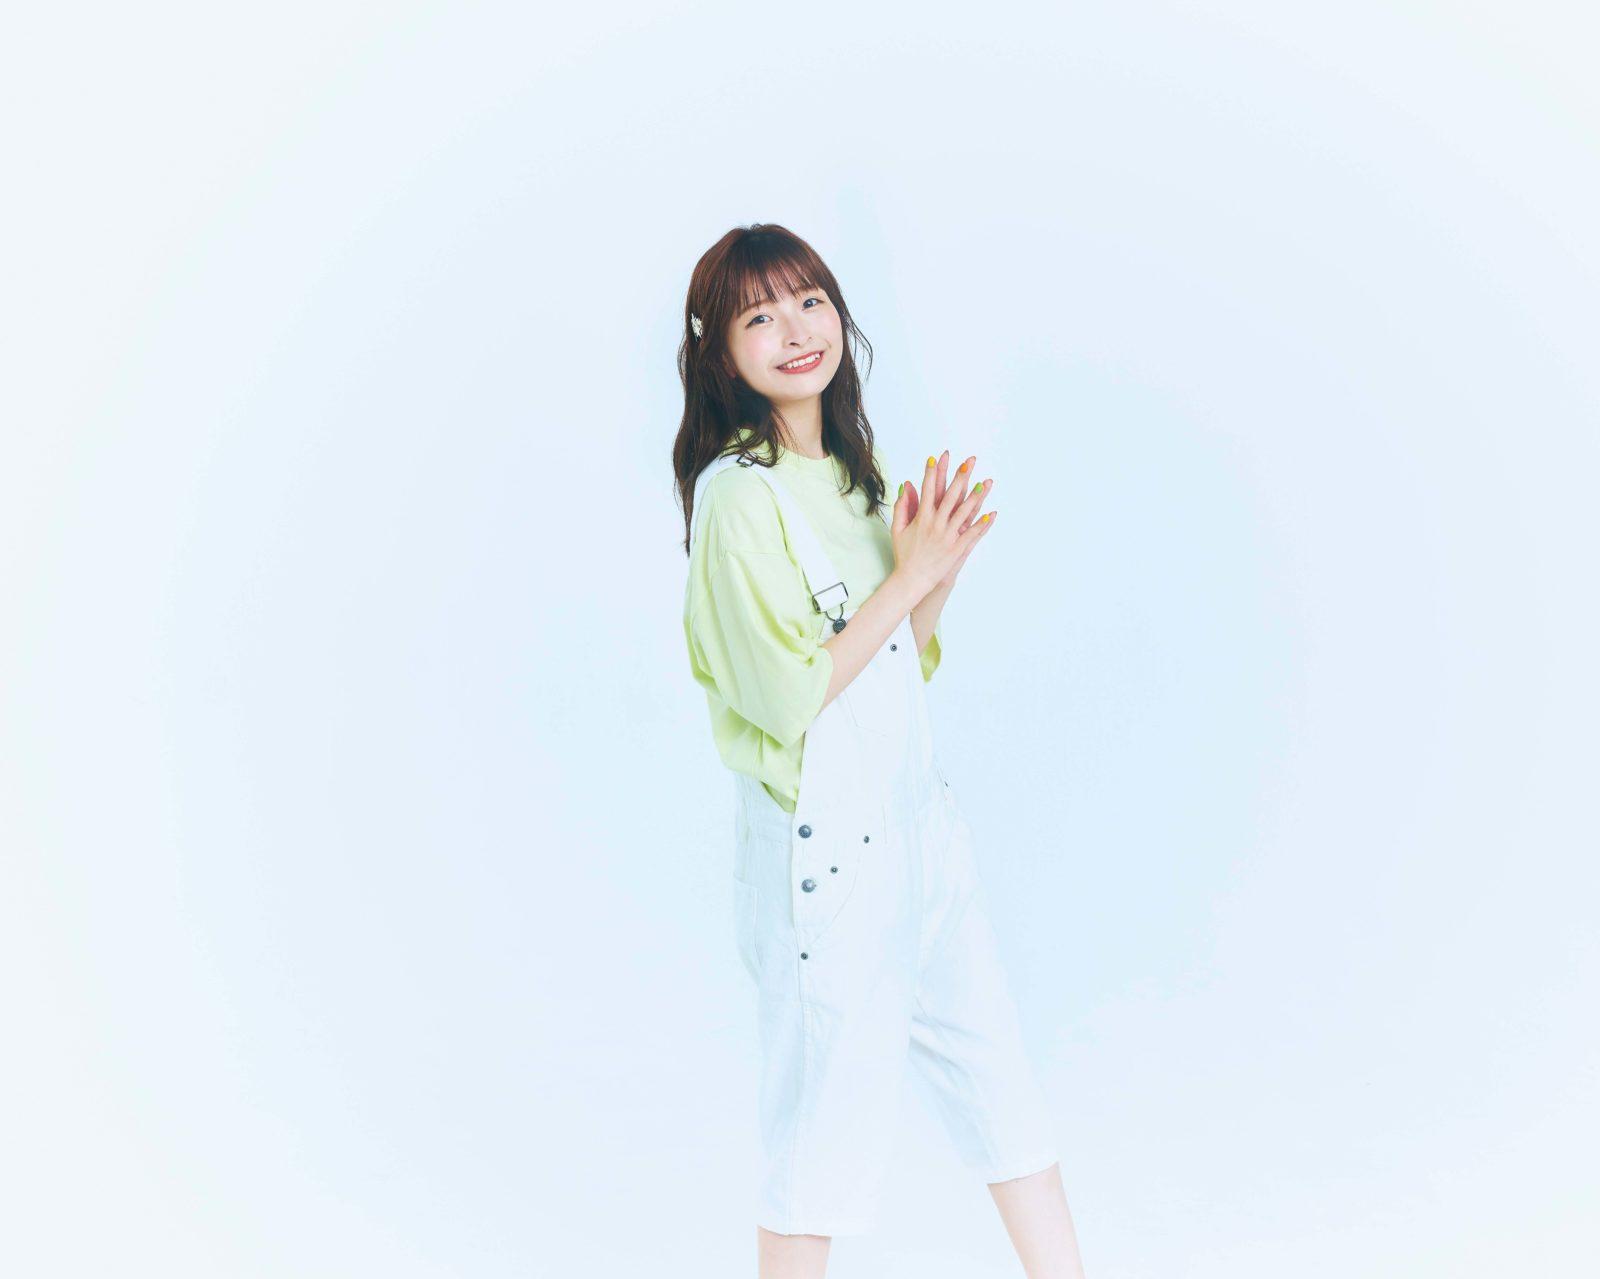 halca、新曲「告白バンジージャンプ」MV公開サムネイル画像